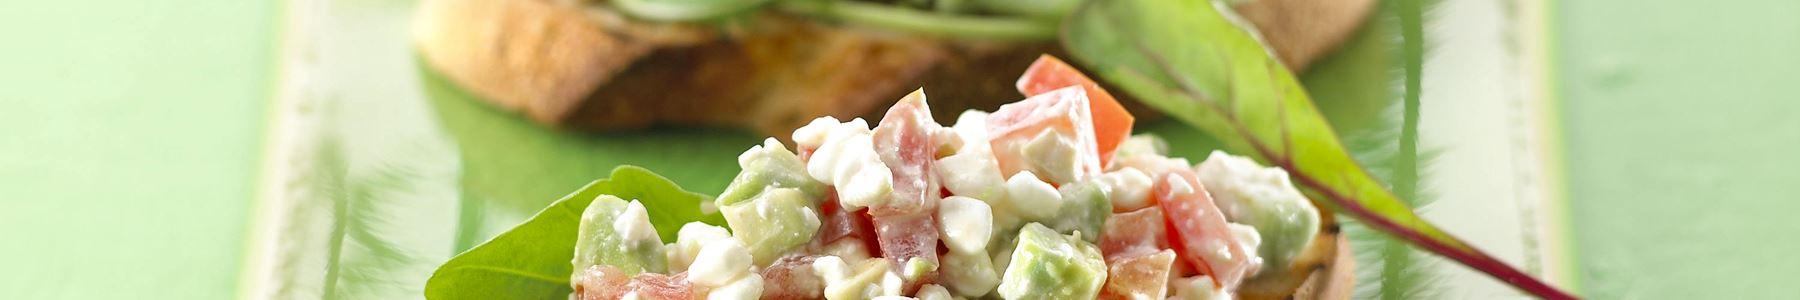 Fedtfattig + Vegetar + Hytteost + Snacks og tapas